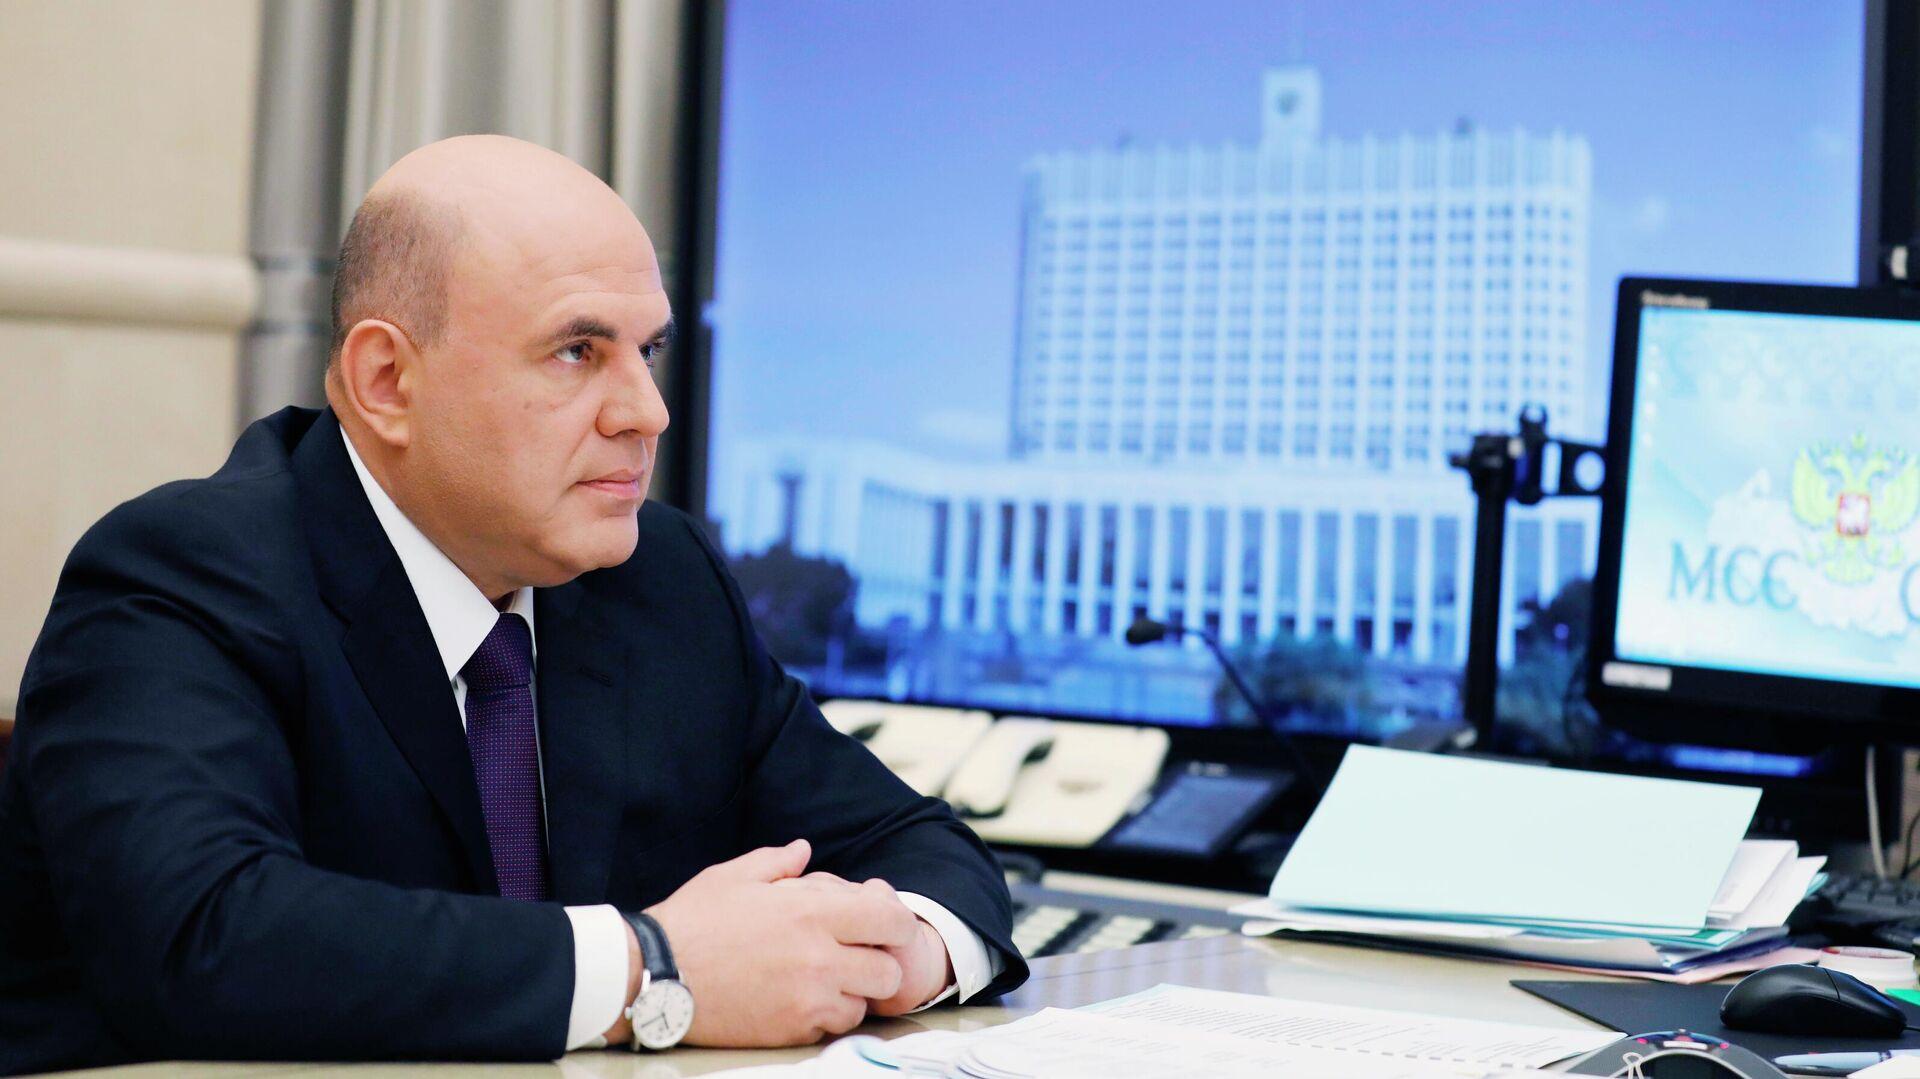 Мишустин назвал задачу дальнейшего обсуждения бюджета в Госдуме